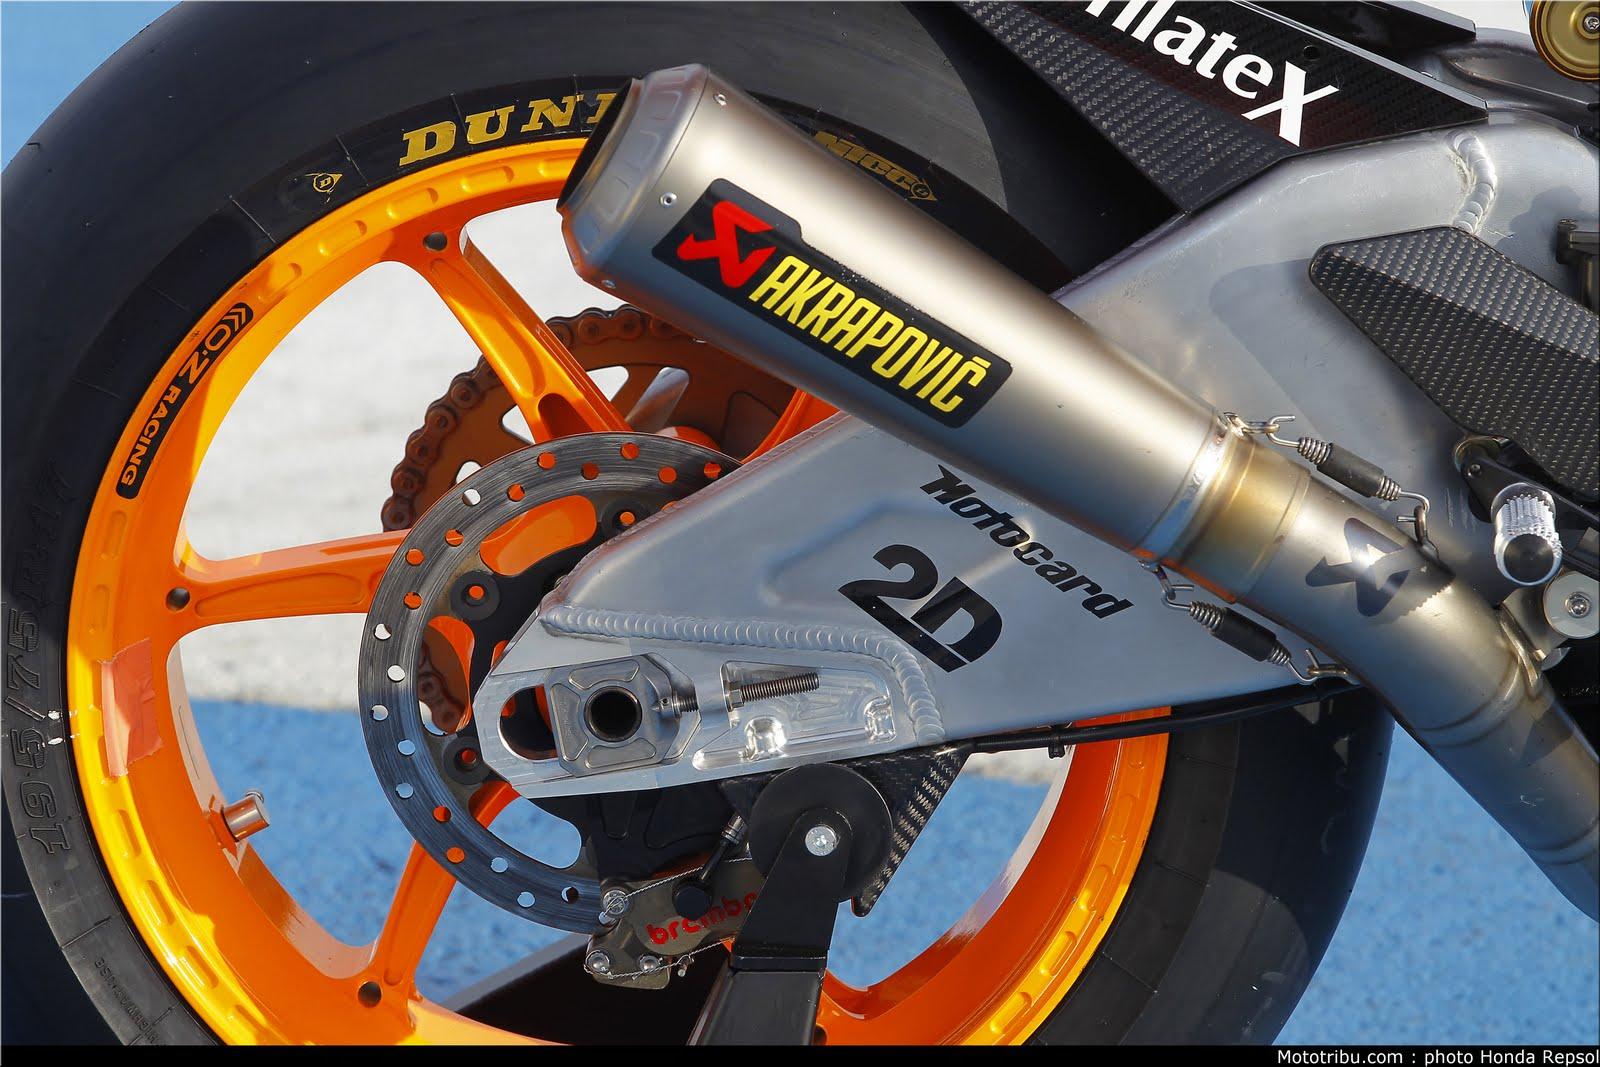 Machines de courses ( Race bikes ) - Page 7 Suter%2BMMX%2BMarquez%2B2011%2B06